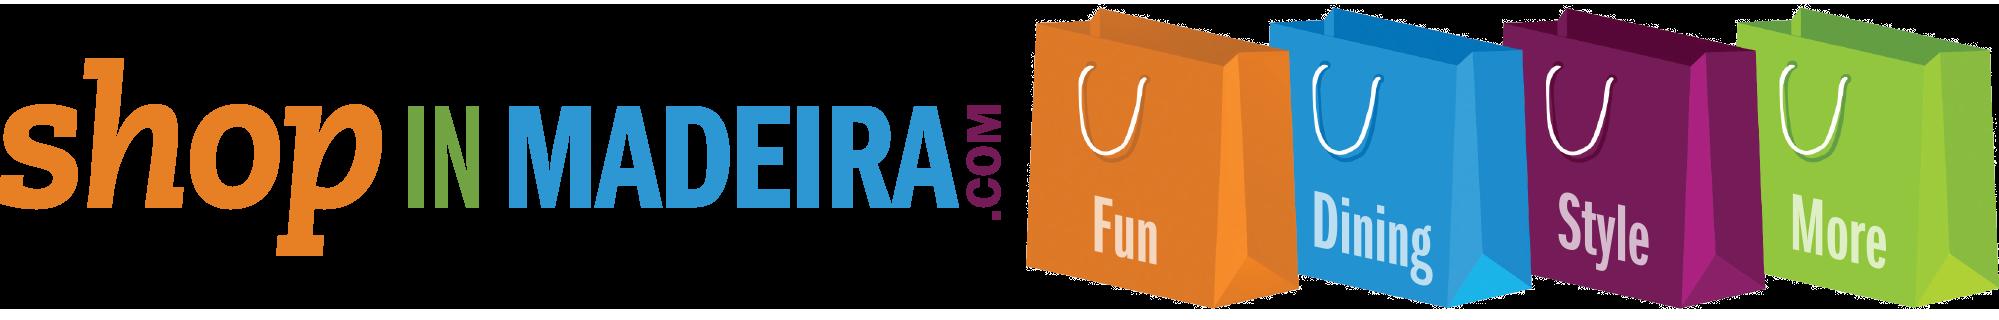 logo for shopinMadeira.com